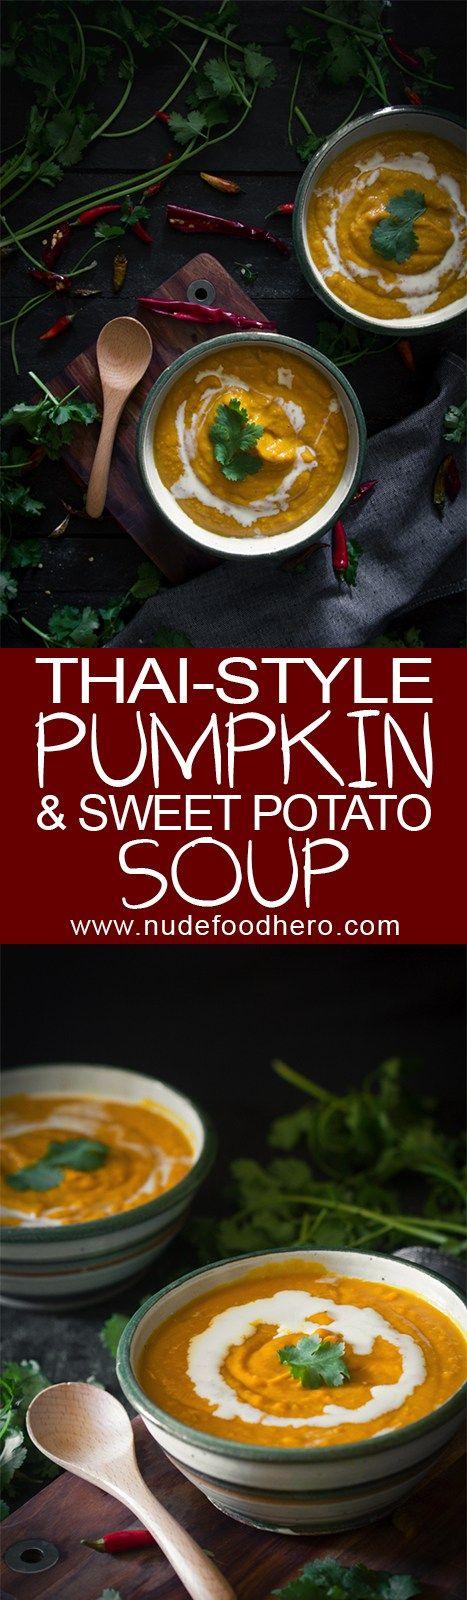 Thai Style Pumkin & Sweet Potato Soup-2